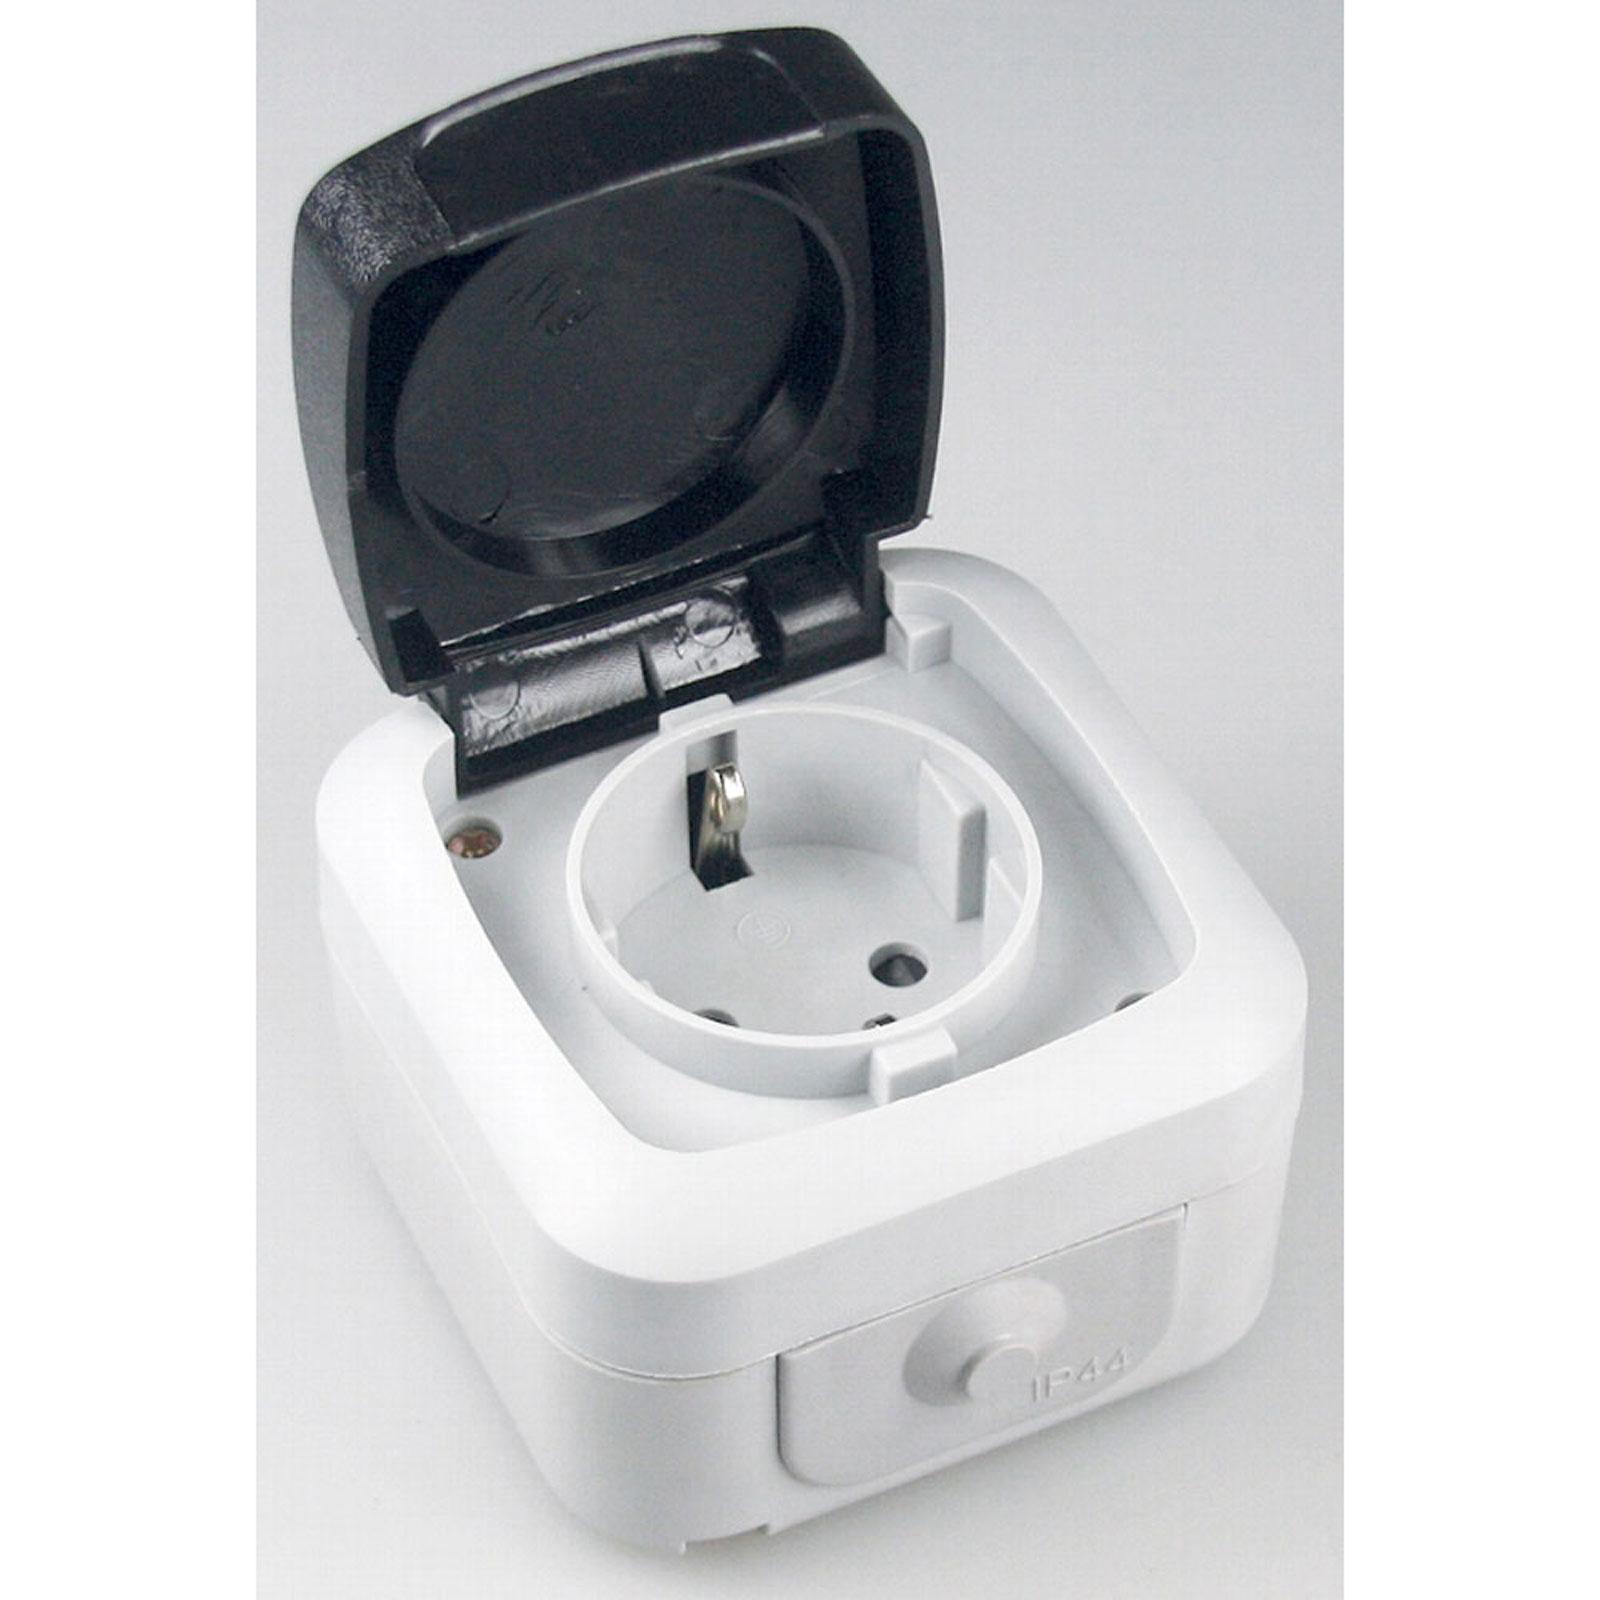 aufputz feuchtraum steckdose 1 2er ip44 16a 250v taster kontroll schalter licht ebay. Black Bedroom Furniture Sets. Home Design Ideas